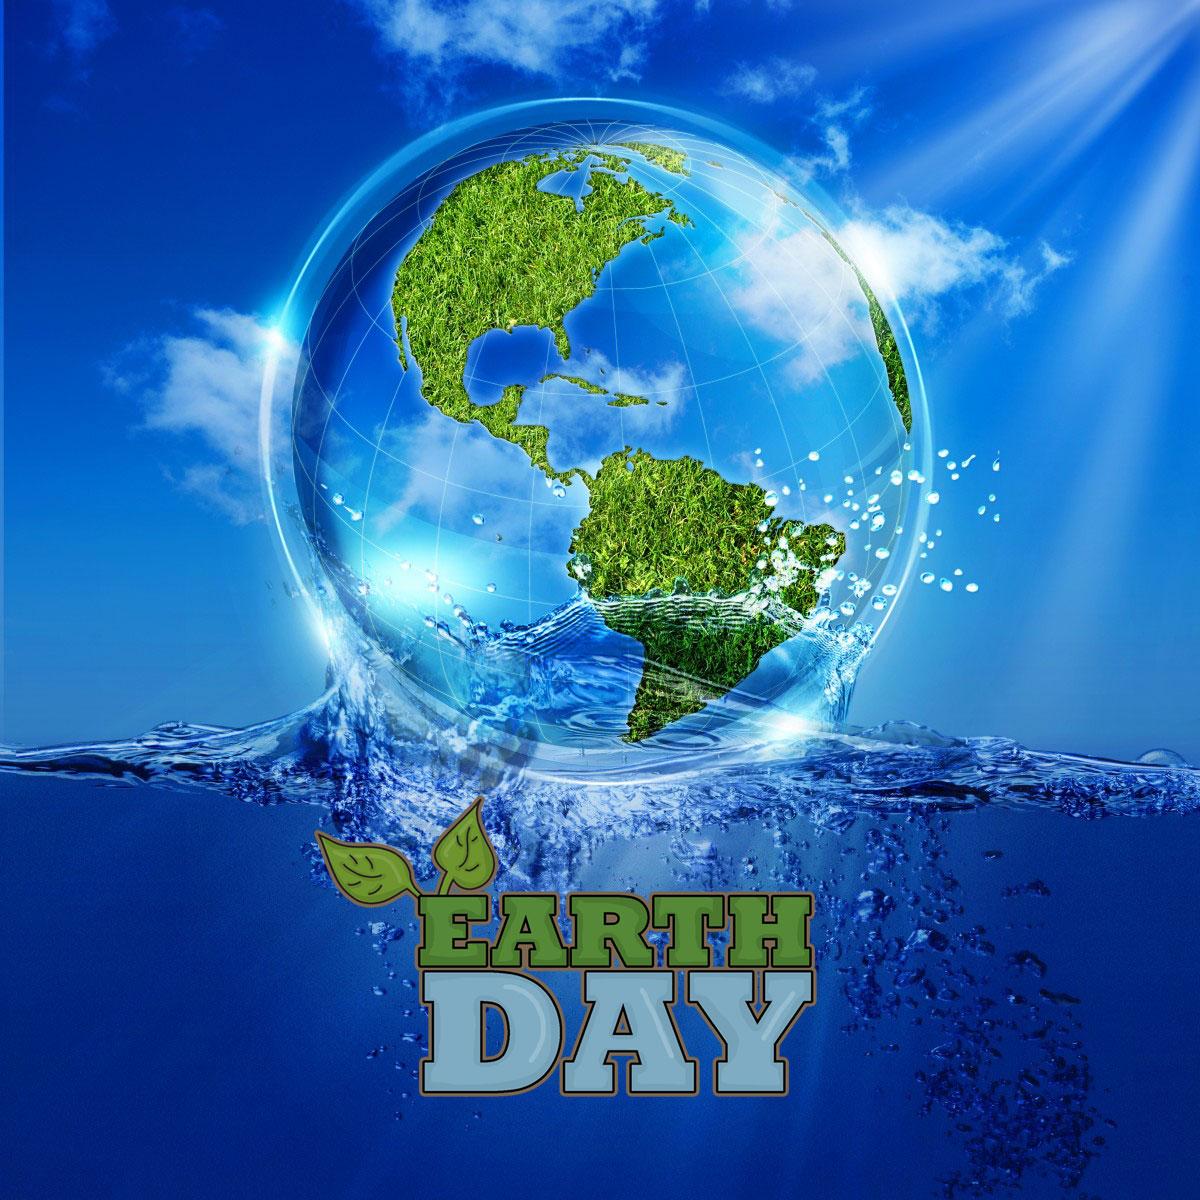 Earth Day Wallpaper 17   1200 X 1200 stmednet 1200x1200